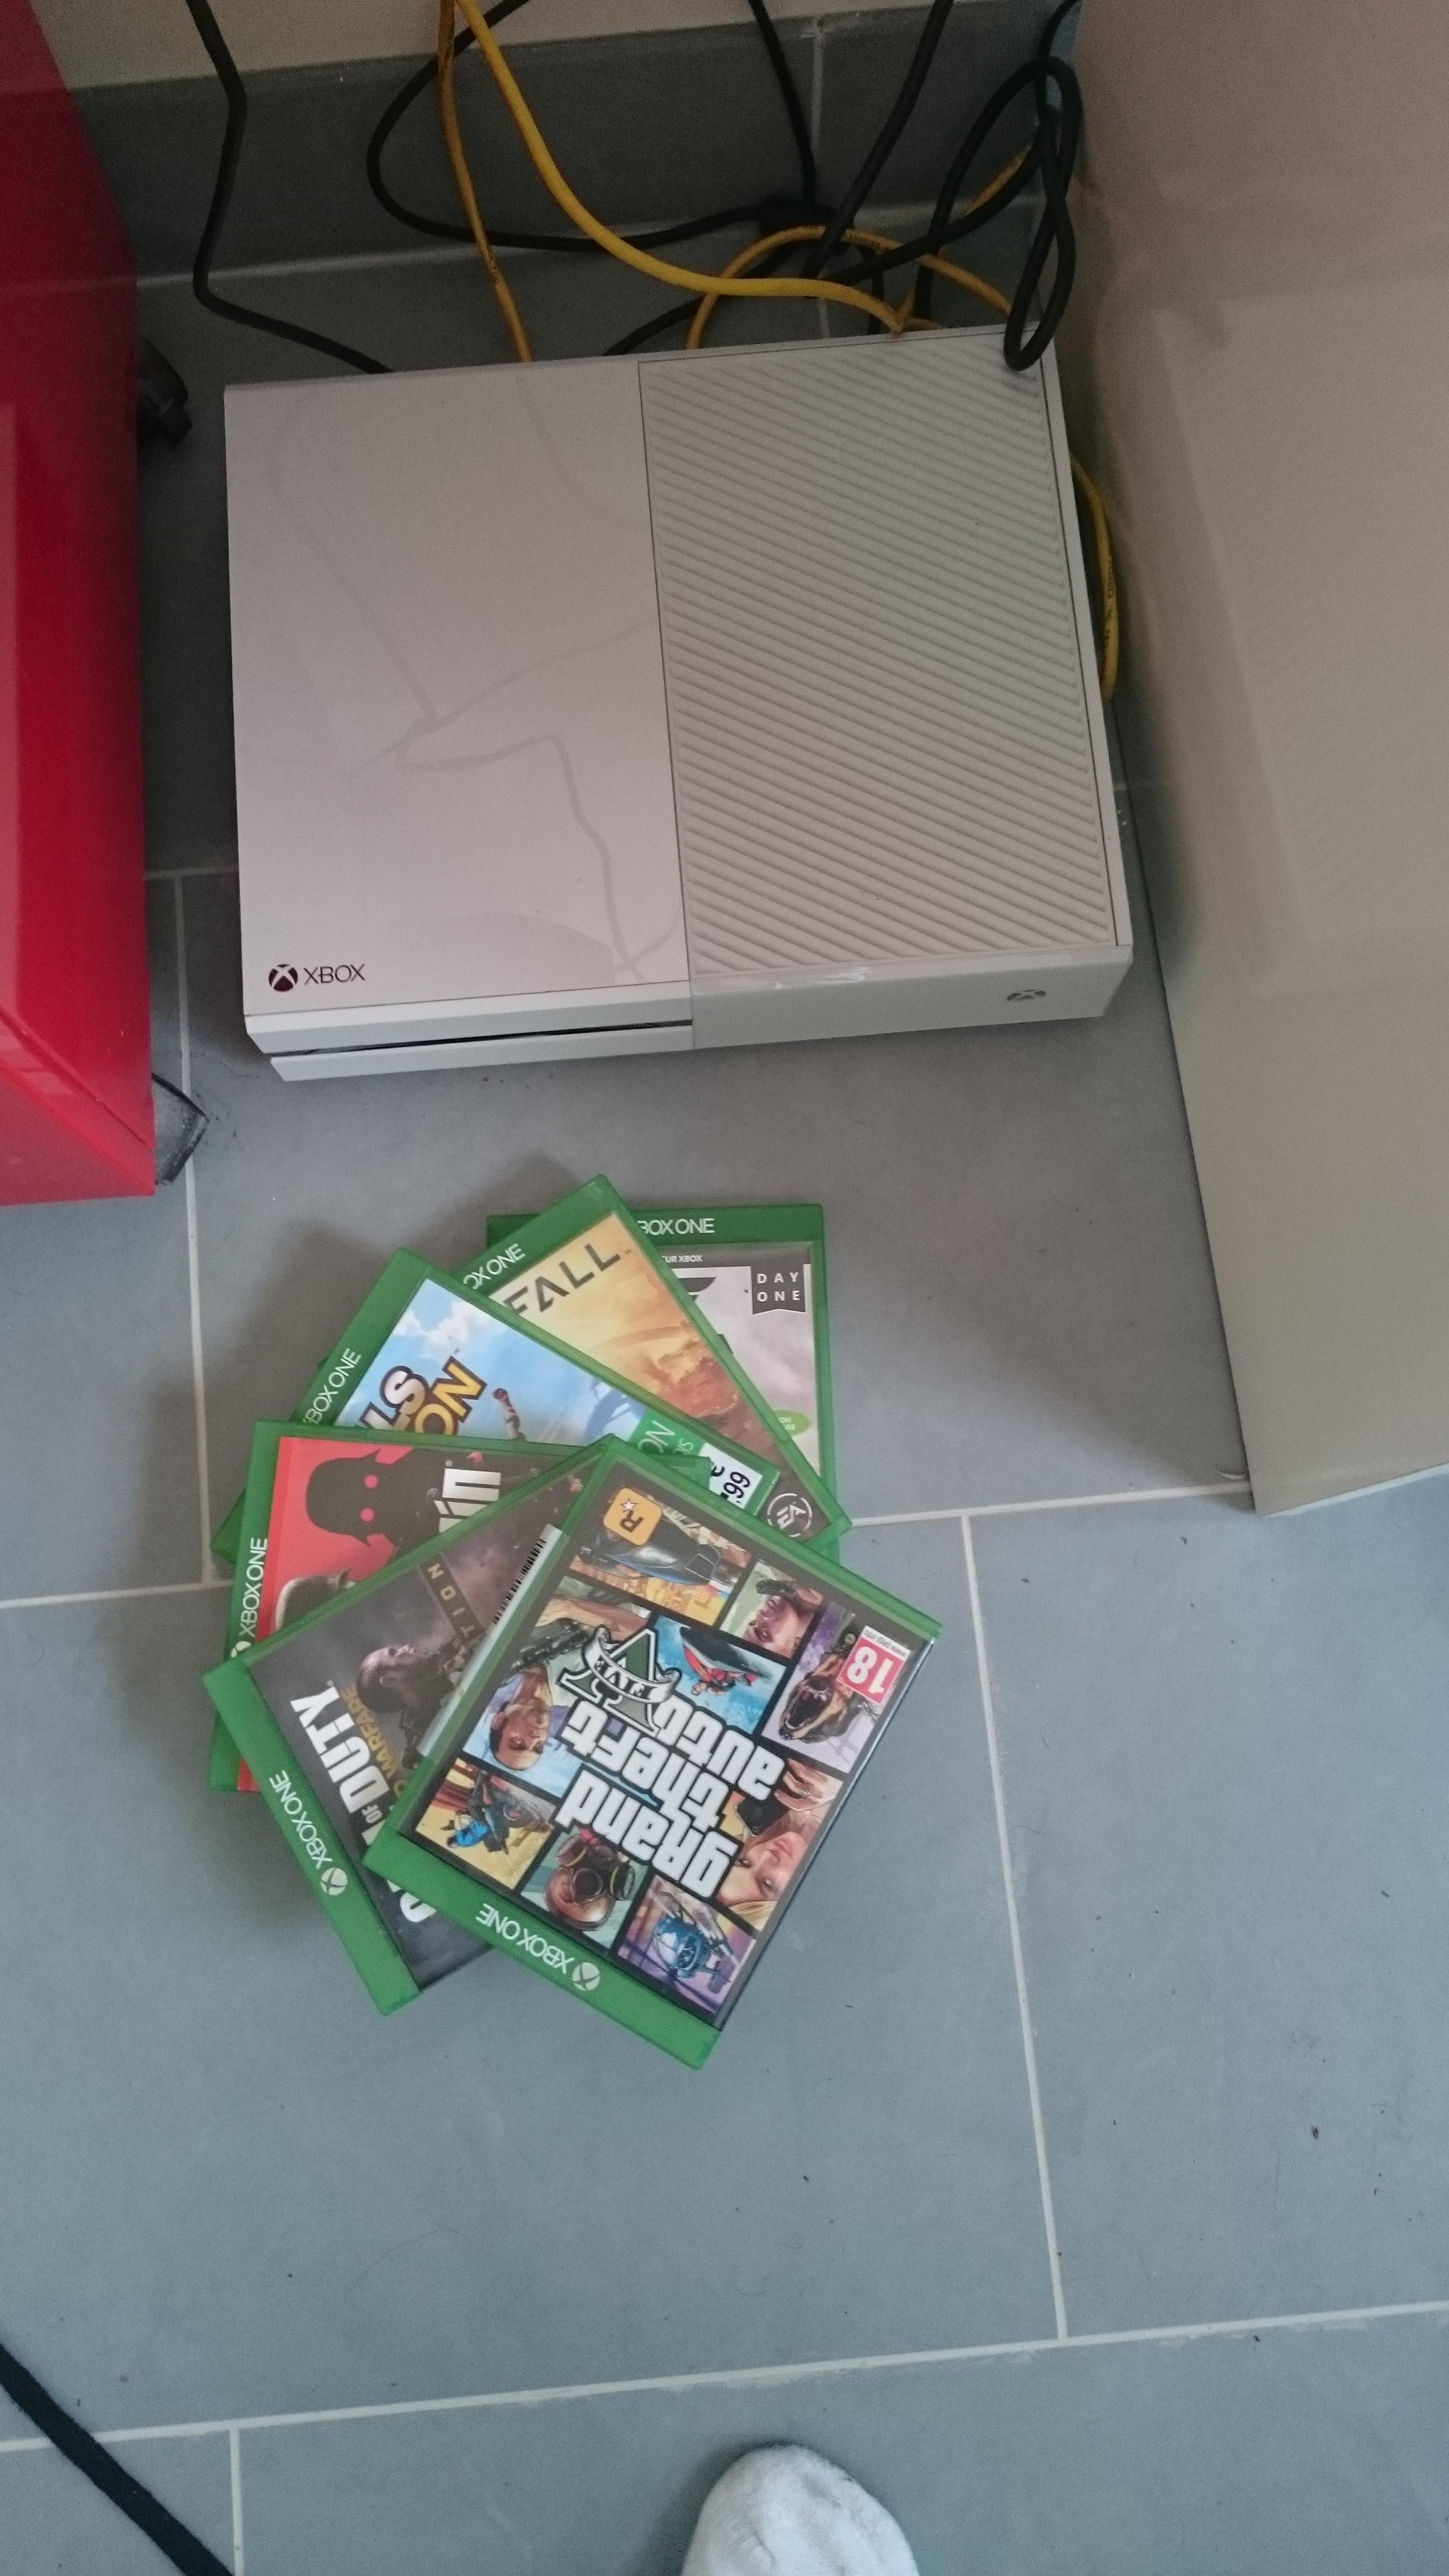 Ech xbox one blanche garantie 2 ans sur le forum petites annonces 26 12 2014 12 48 30 - Garantie console micromania ...